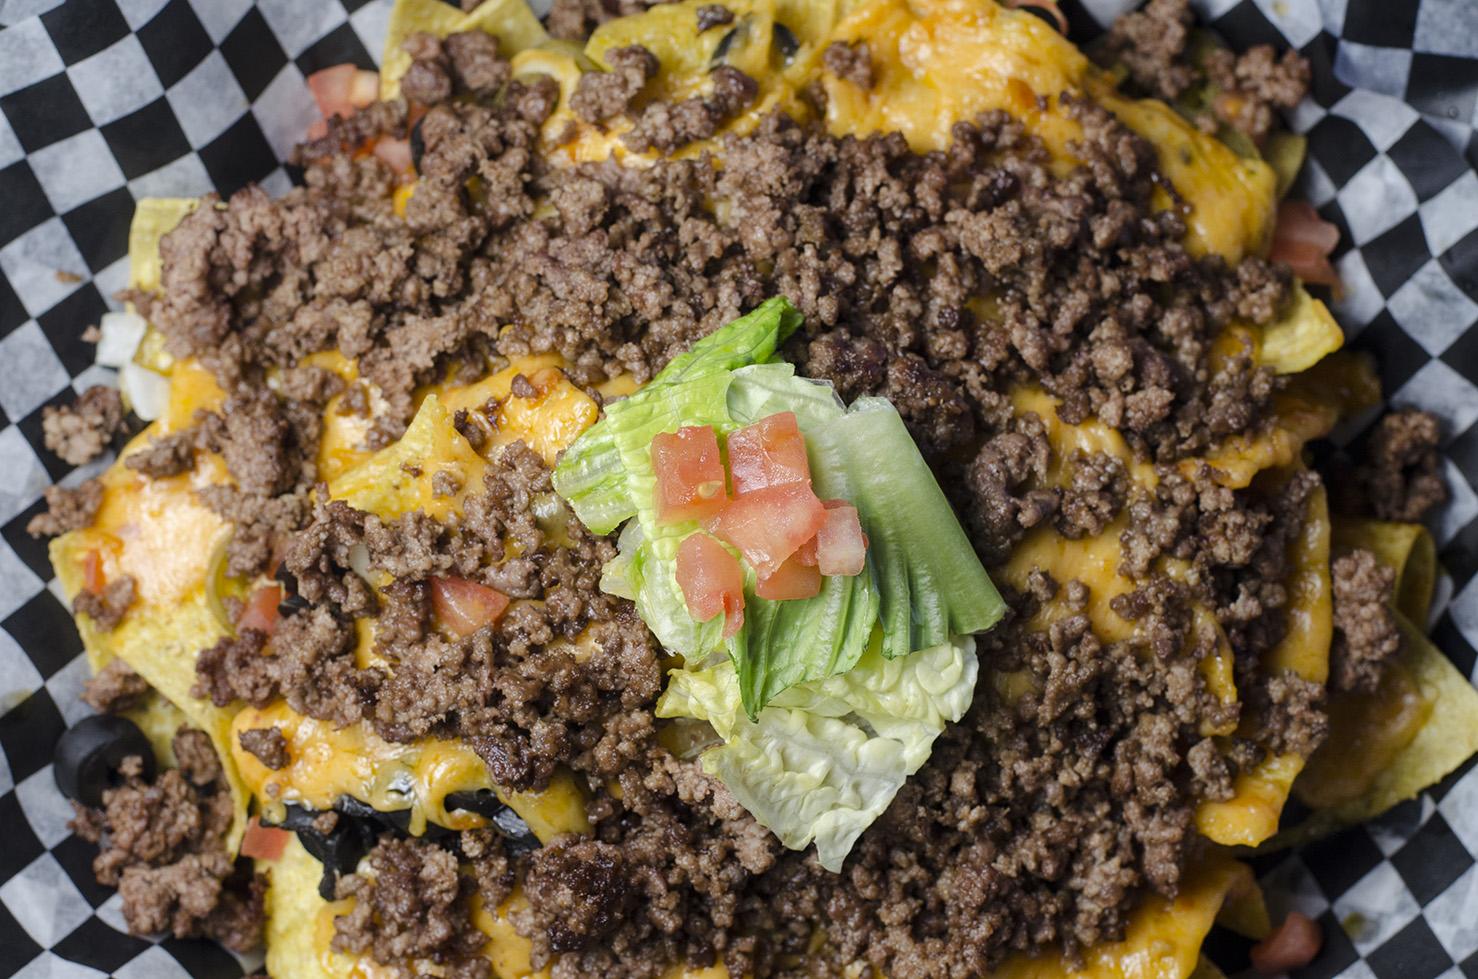 Beef nachos at Joe Schmoe's in LaSalle, Ontario.